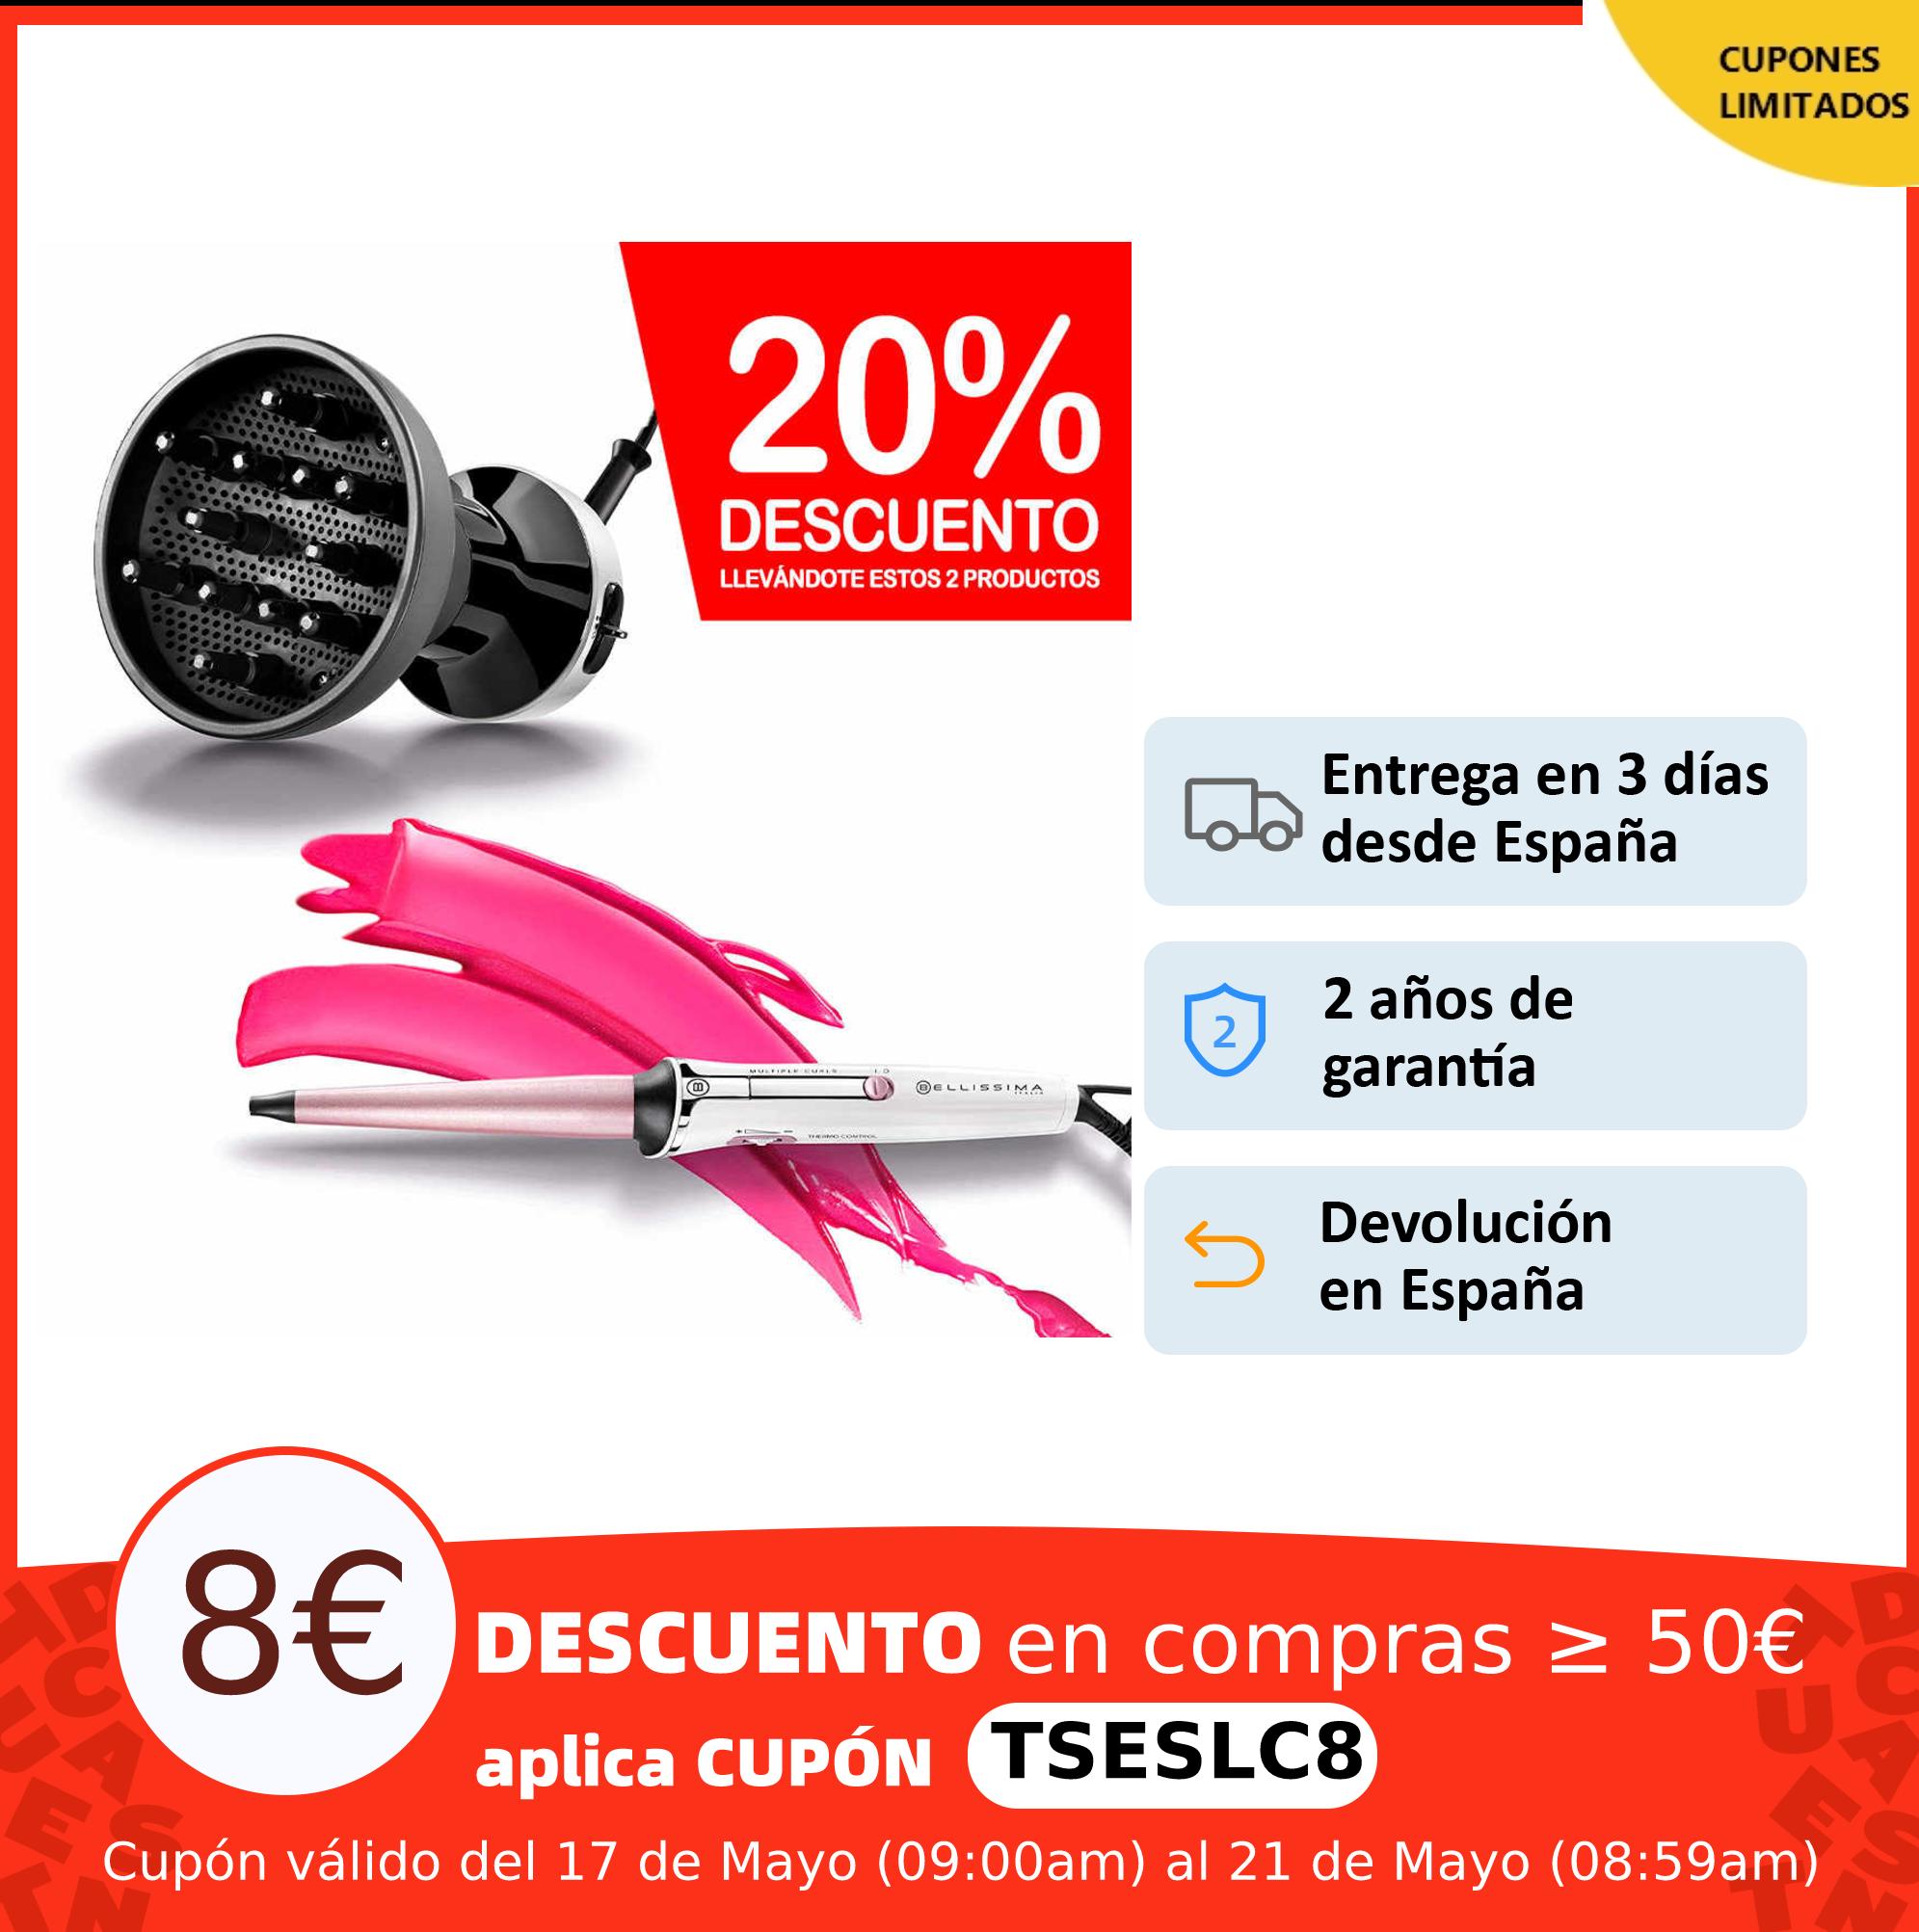 Bellissima Pack Secador Special Curl System DF1 1000 | Rizador de Pelo Cónico Para Acabado Natural, Sets de cuidado para el pelo|Sets de cuidado del cabello| - AliExpress